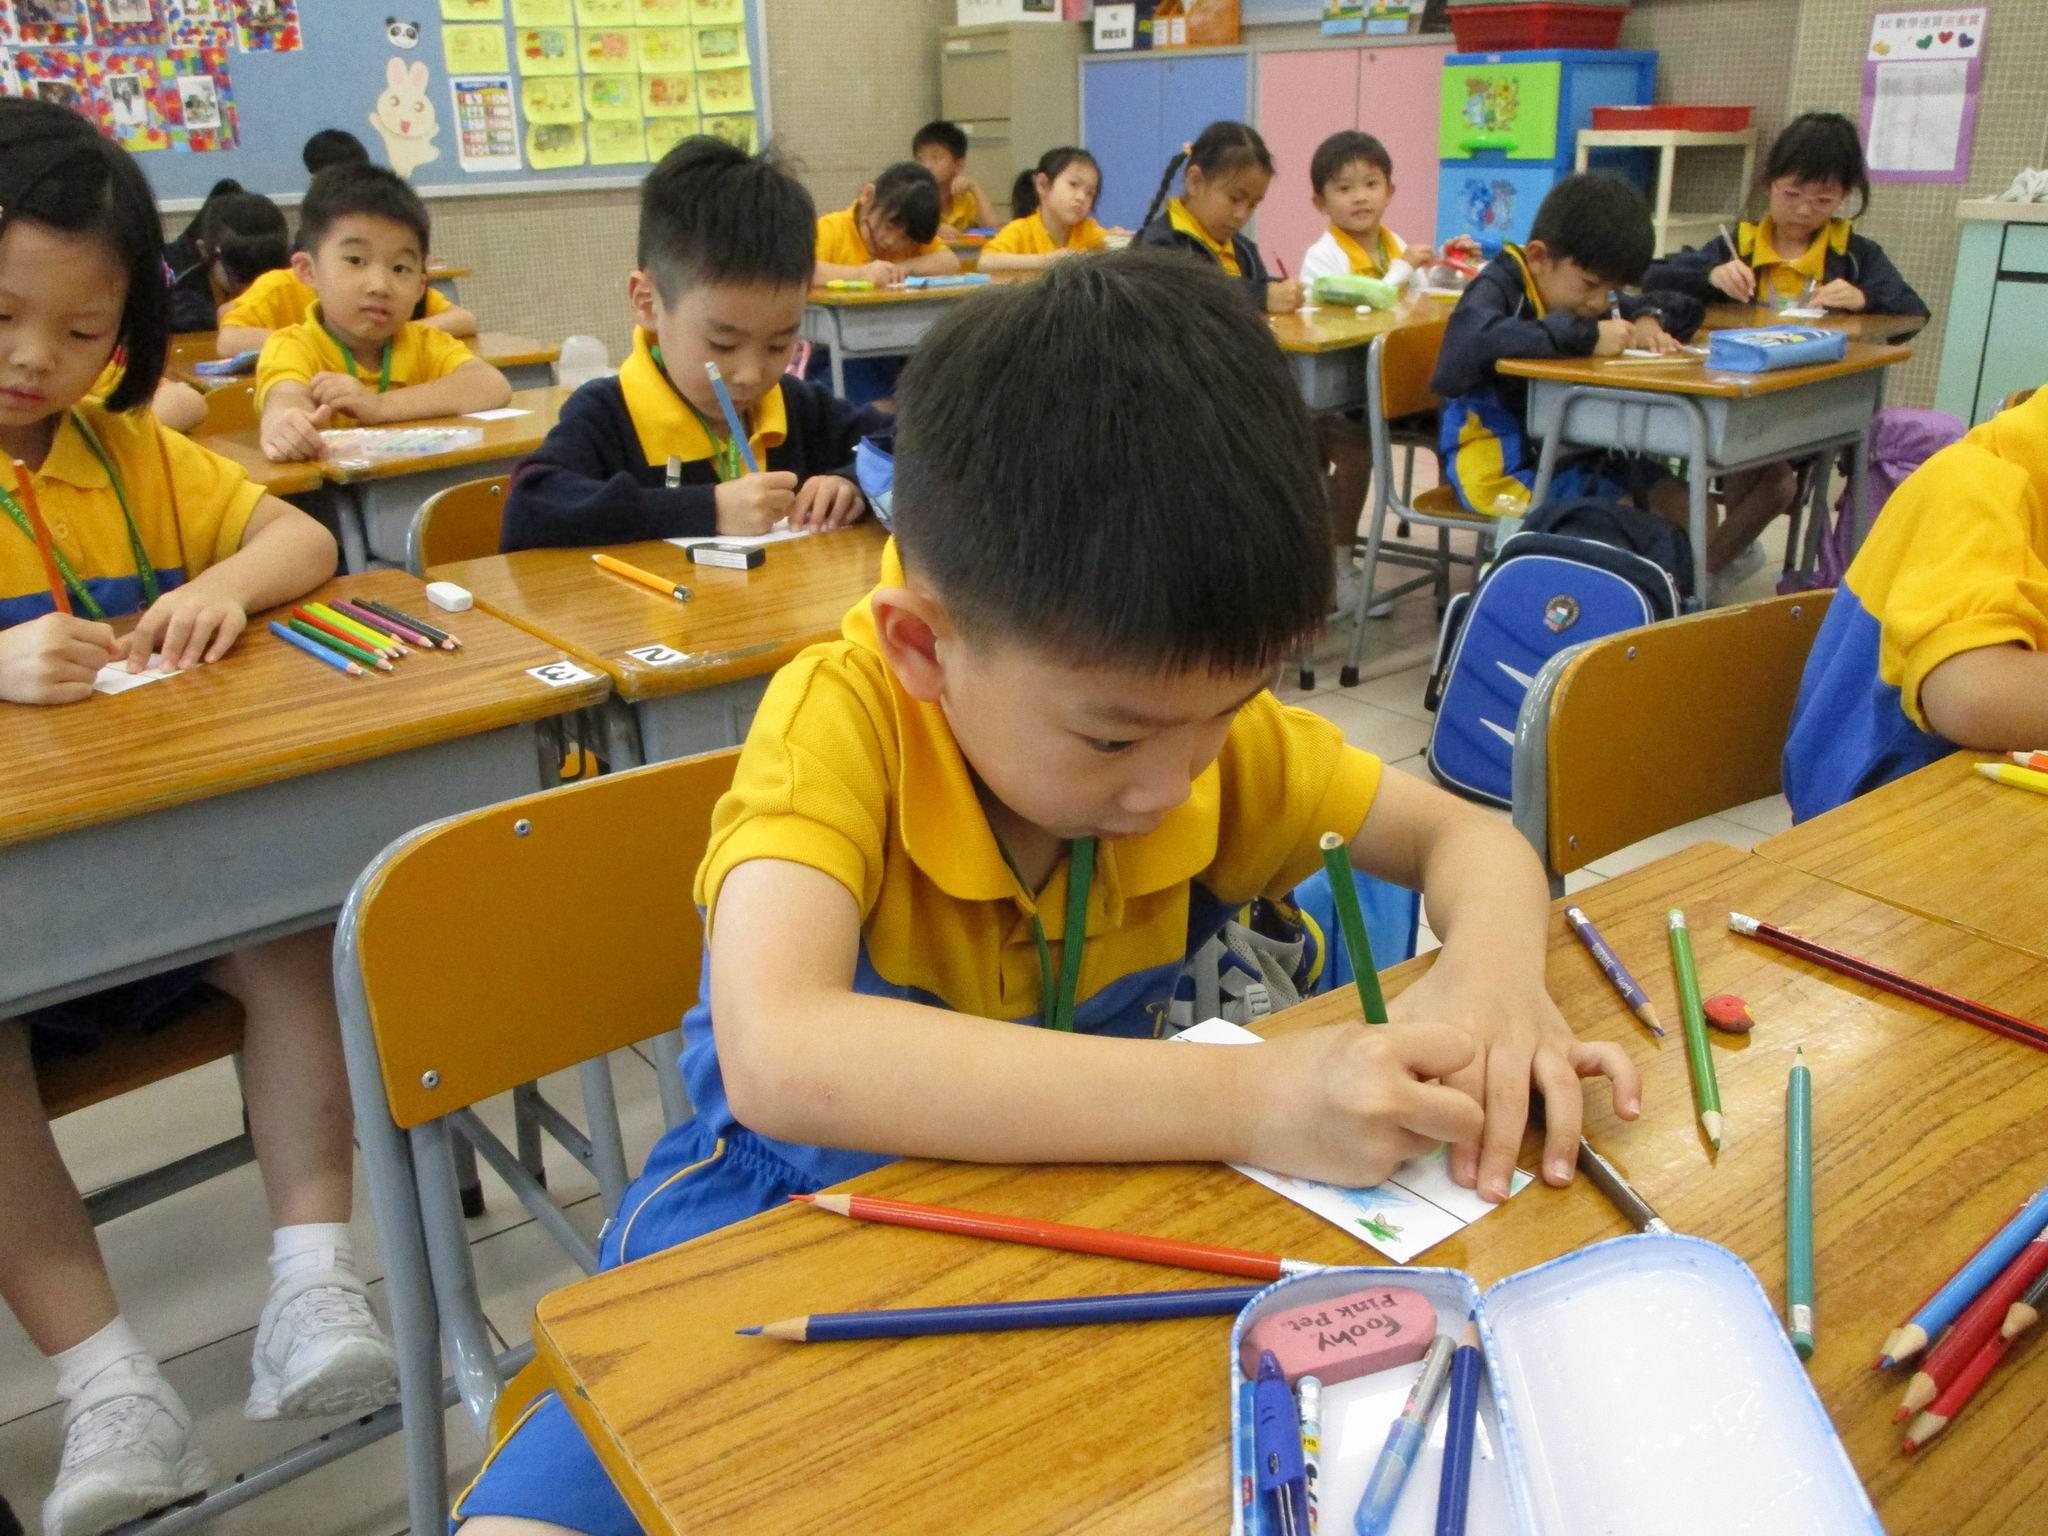 https://plkcjy.edu.hk/sites/default/files/diao_zheng_da_xiao_img_1145.jpg